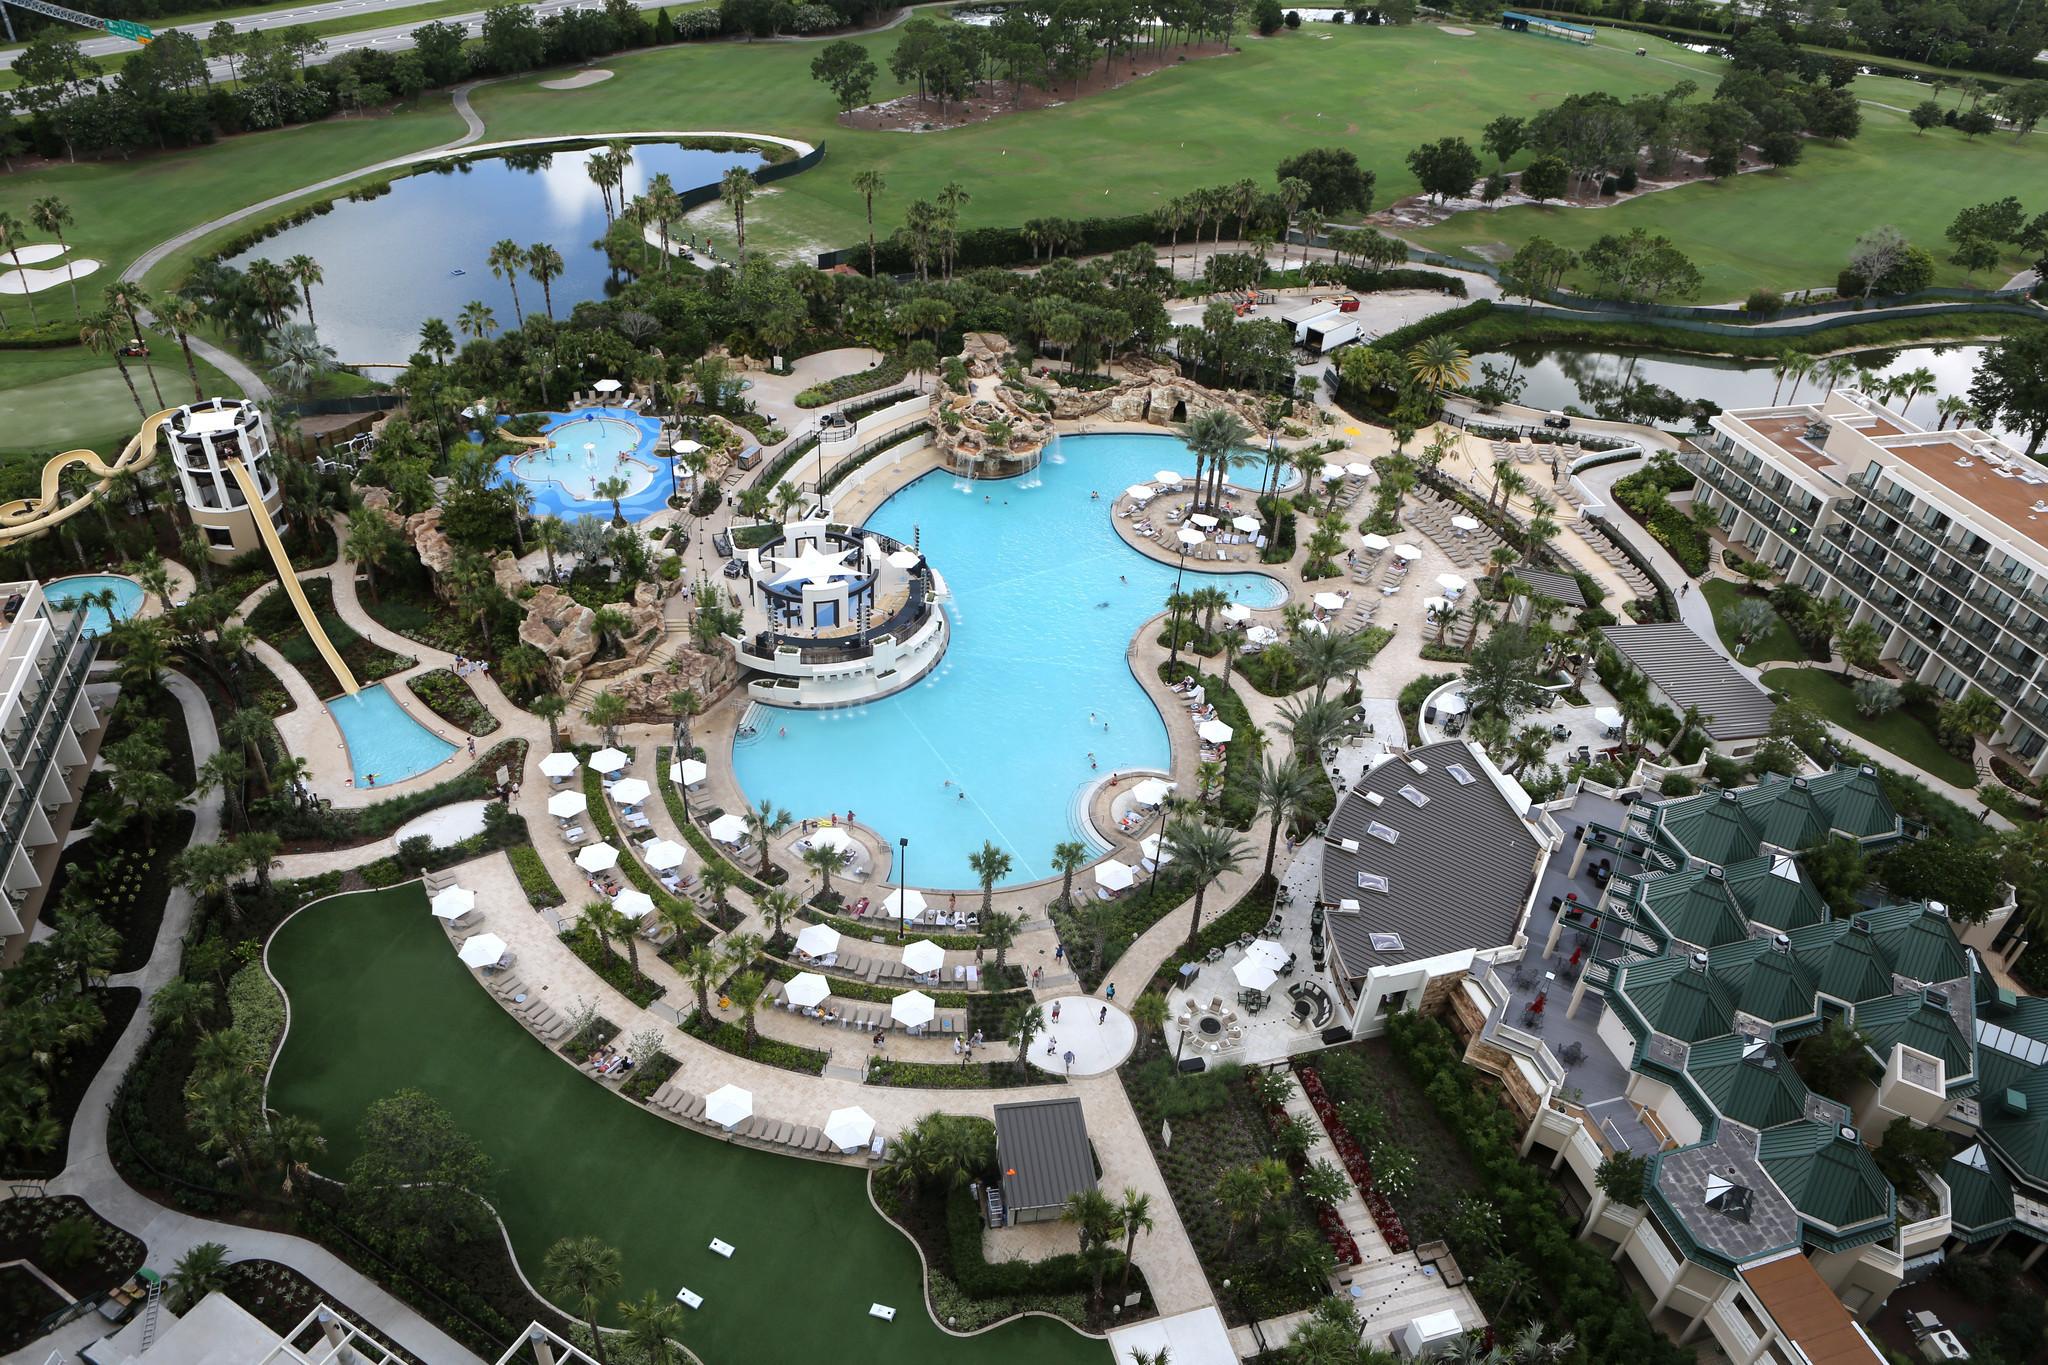 Best Cheap Hotels Near Disney World